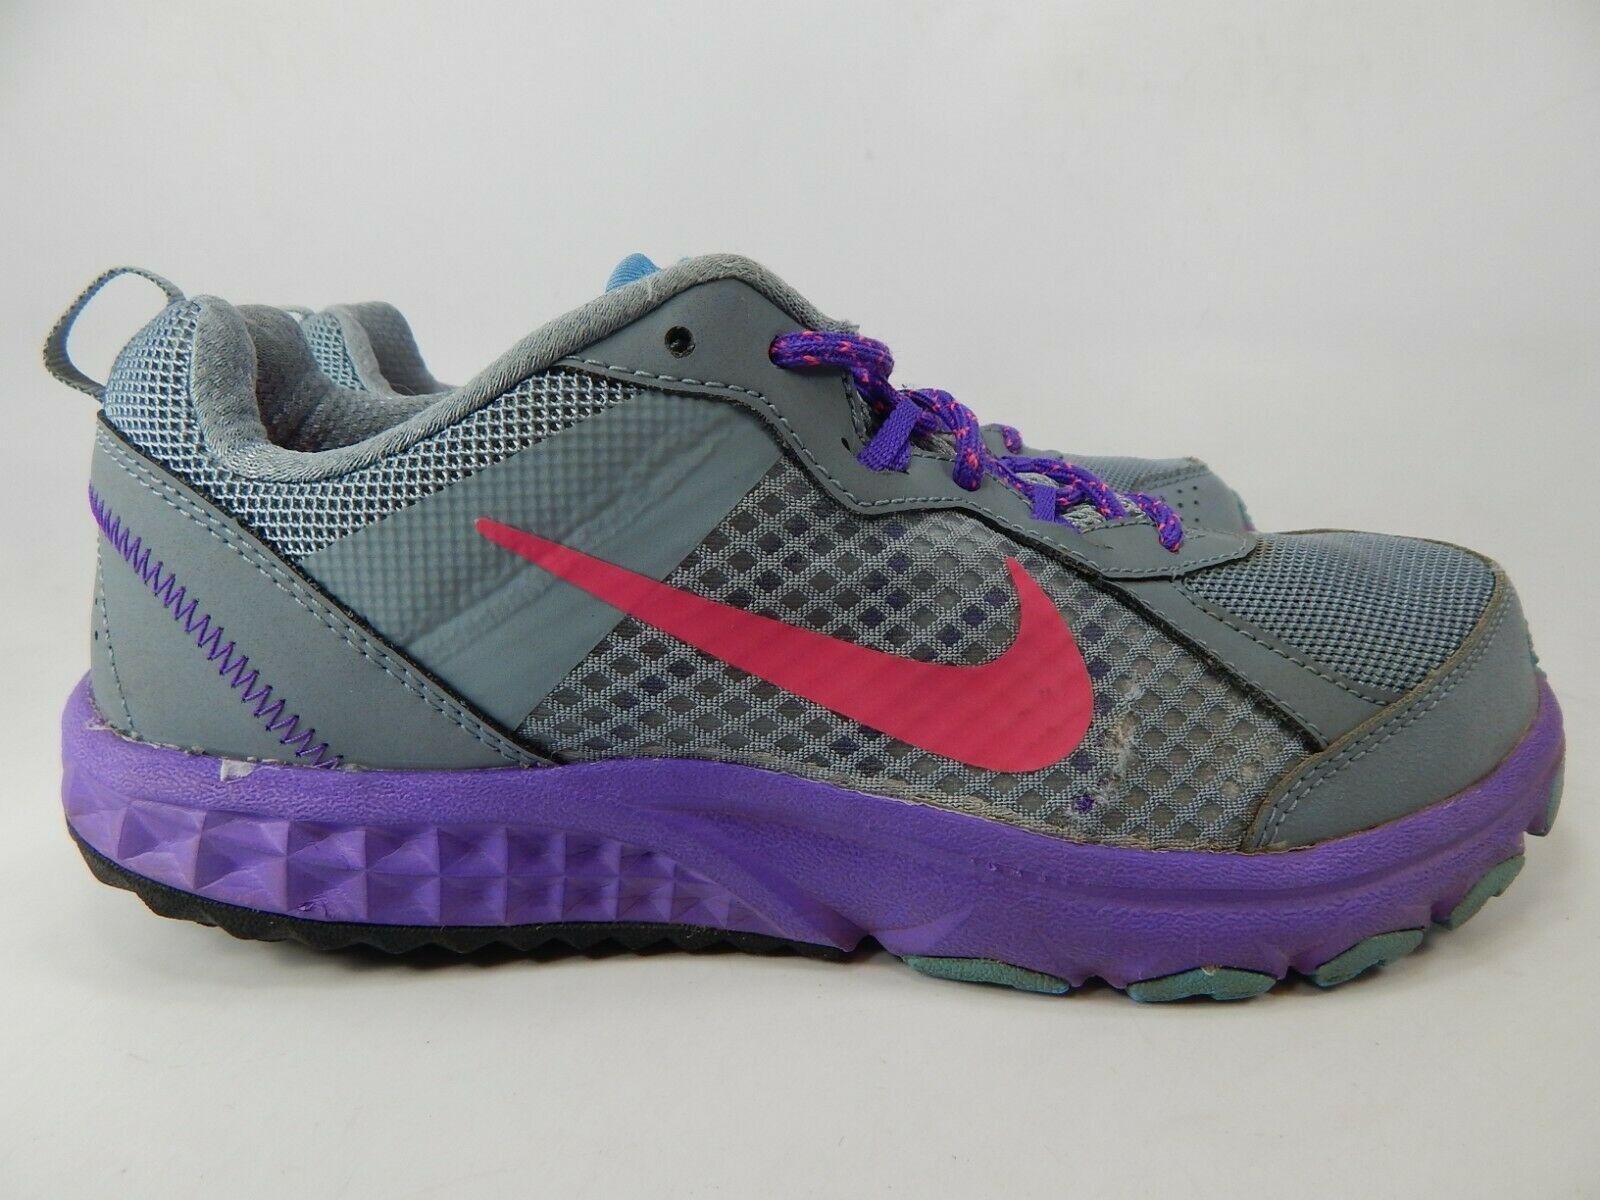 f18570b4edb1a Nike Wild Trail Size 9 M (B) EU 40.5 Women s and 50 similar items